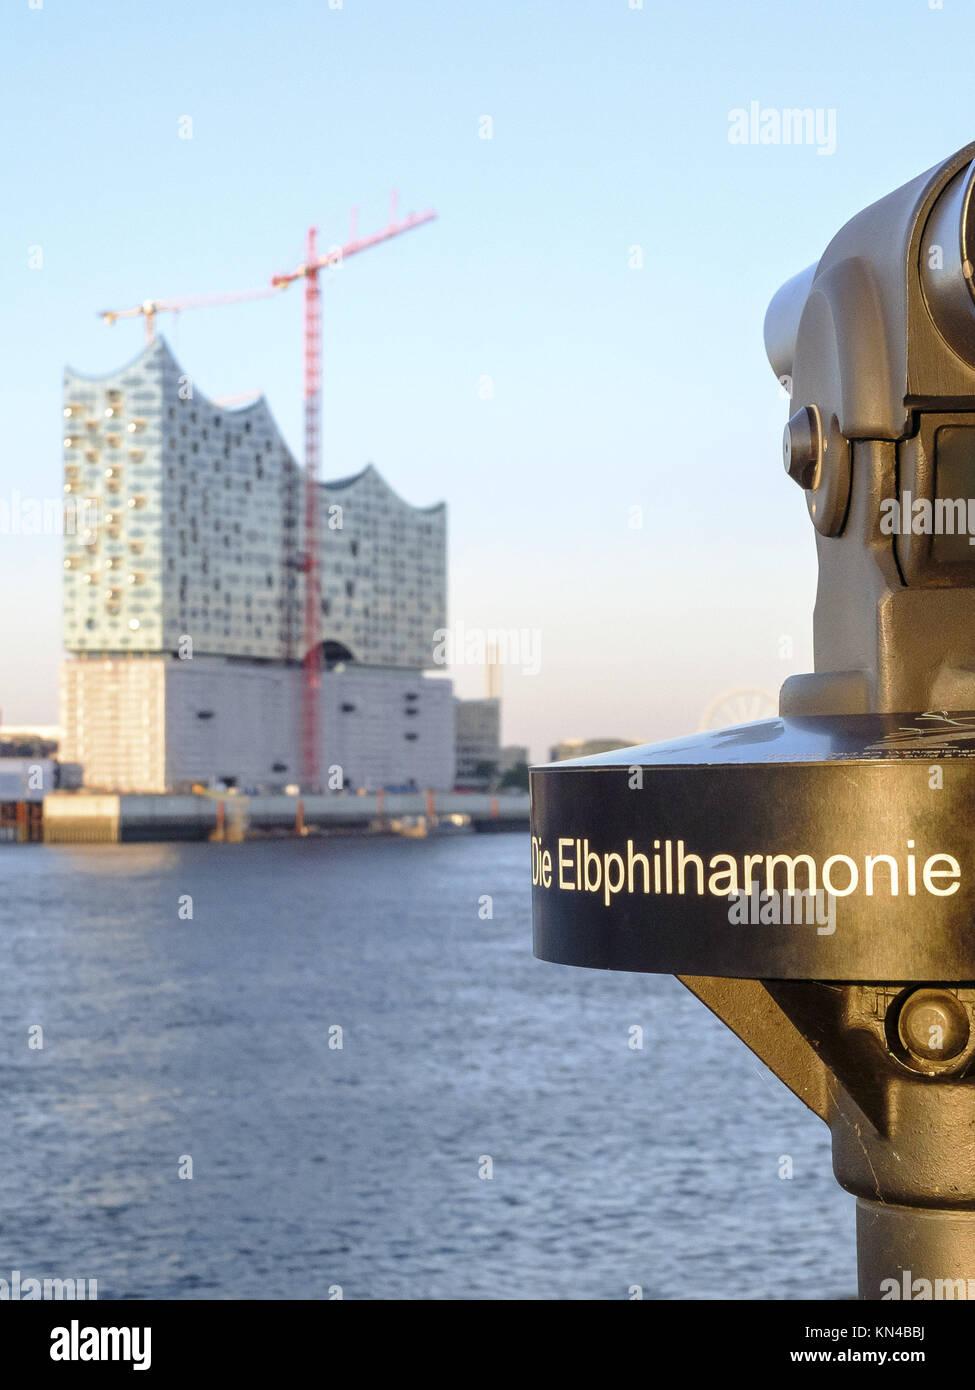 Elbphilharmonie (Elbe Philharmonic building) costruzione attraverso il fiume Elba ad Amburgo, in Germania. Immagini Stock